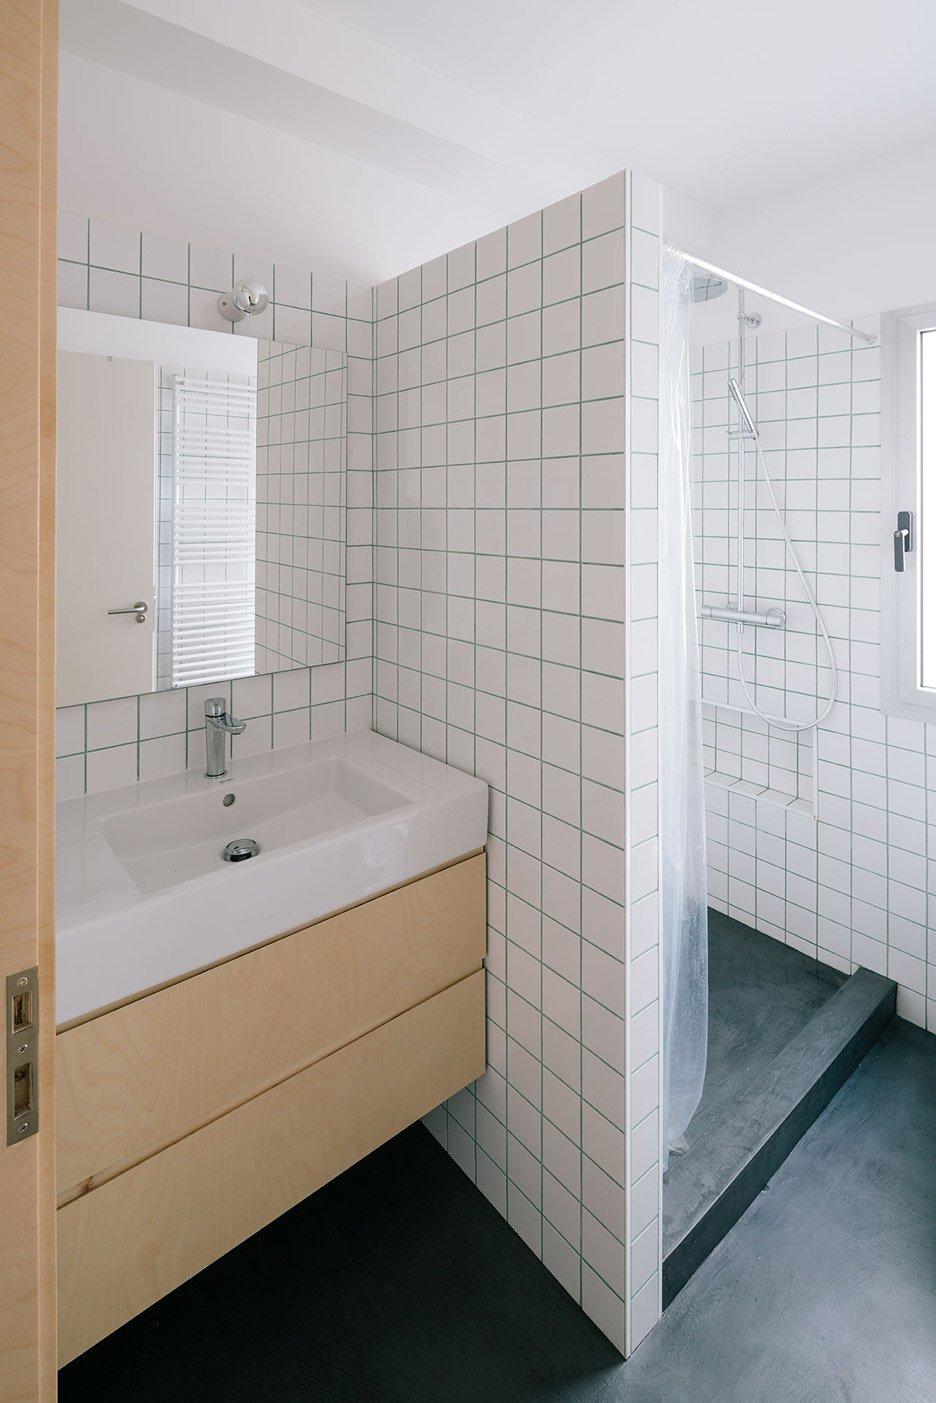 Deze badkamer met een zwarte rubberen vloer